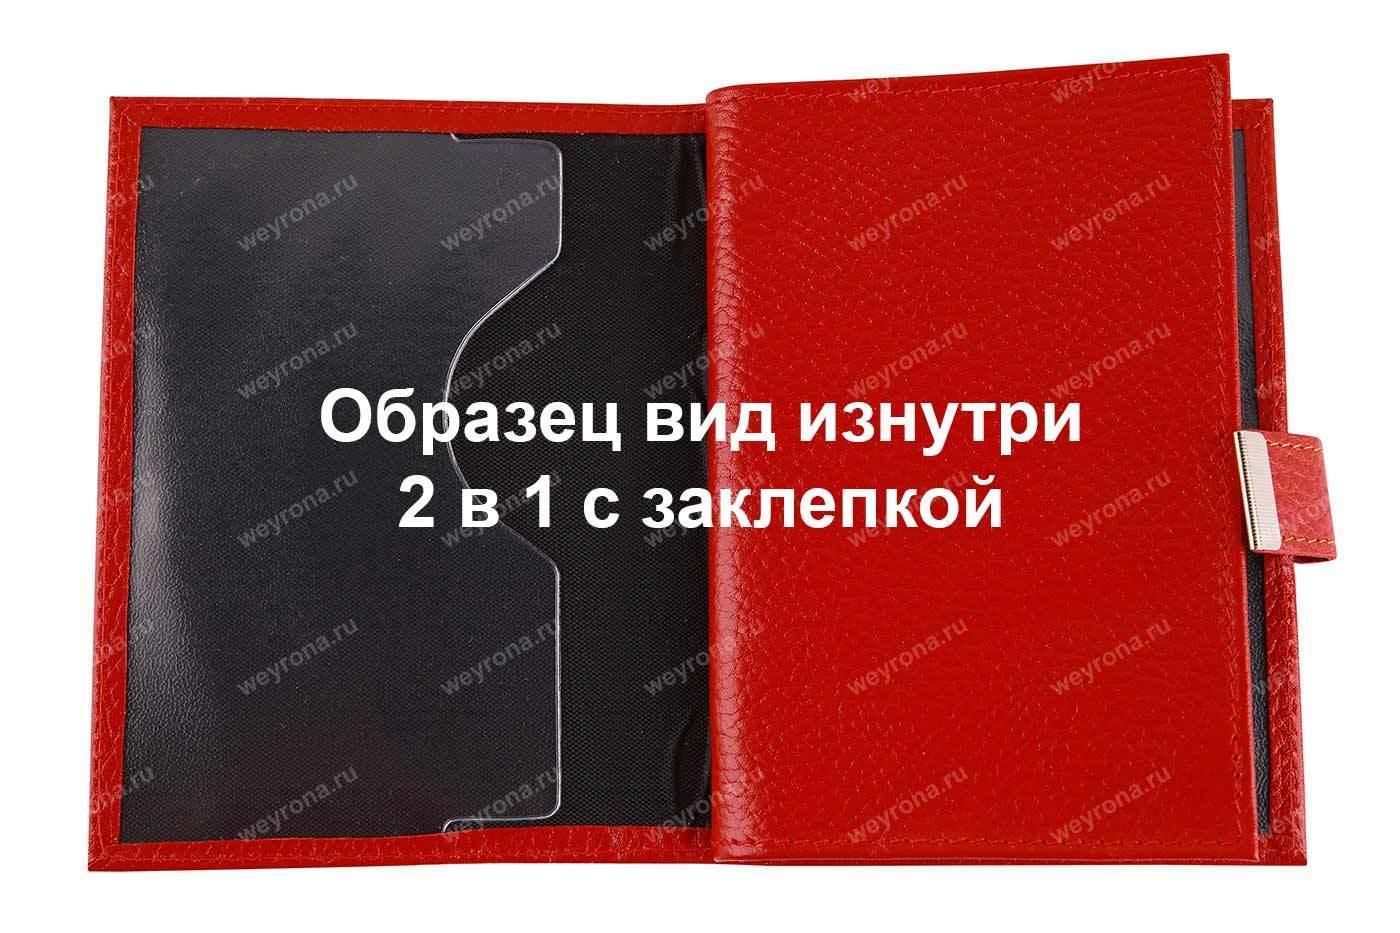 Обложка с заклепкой ФЛОТЕР БОРДО  2 в 1 (ТЕЛЯЧЬЯ КОЖА)